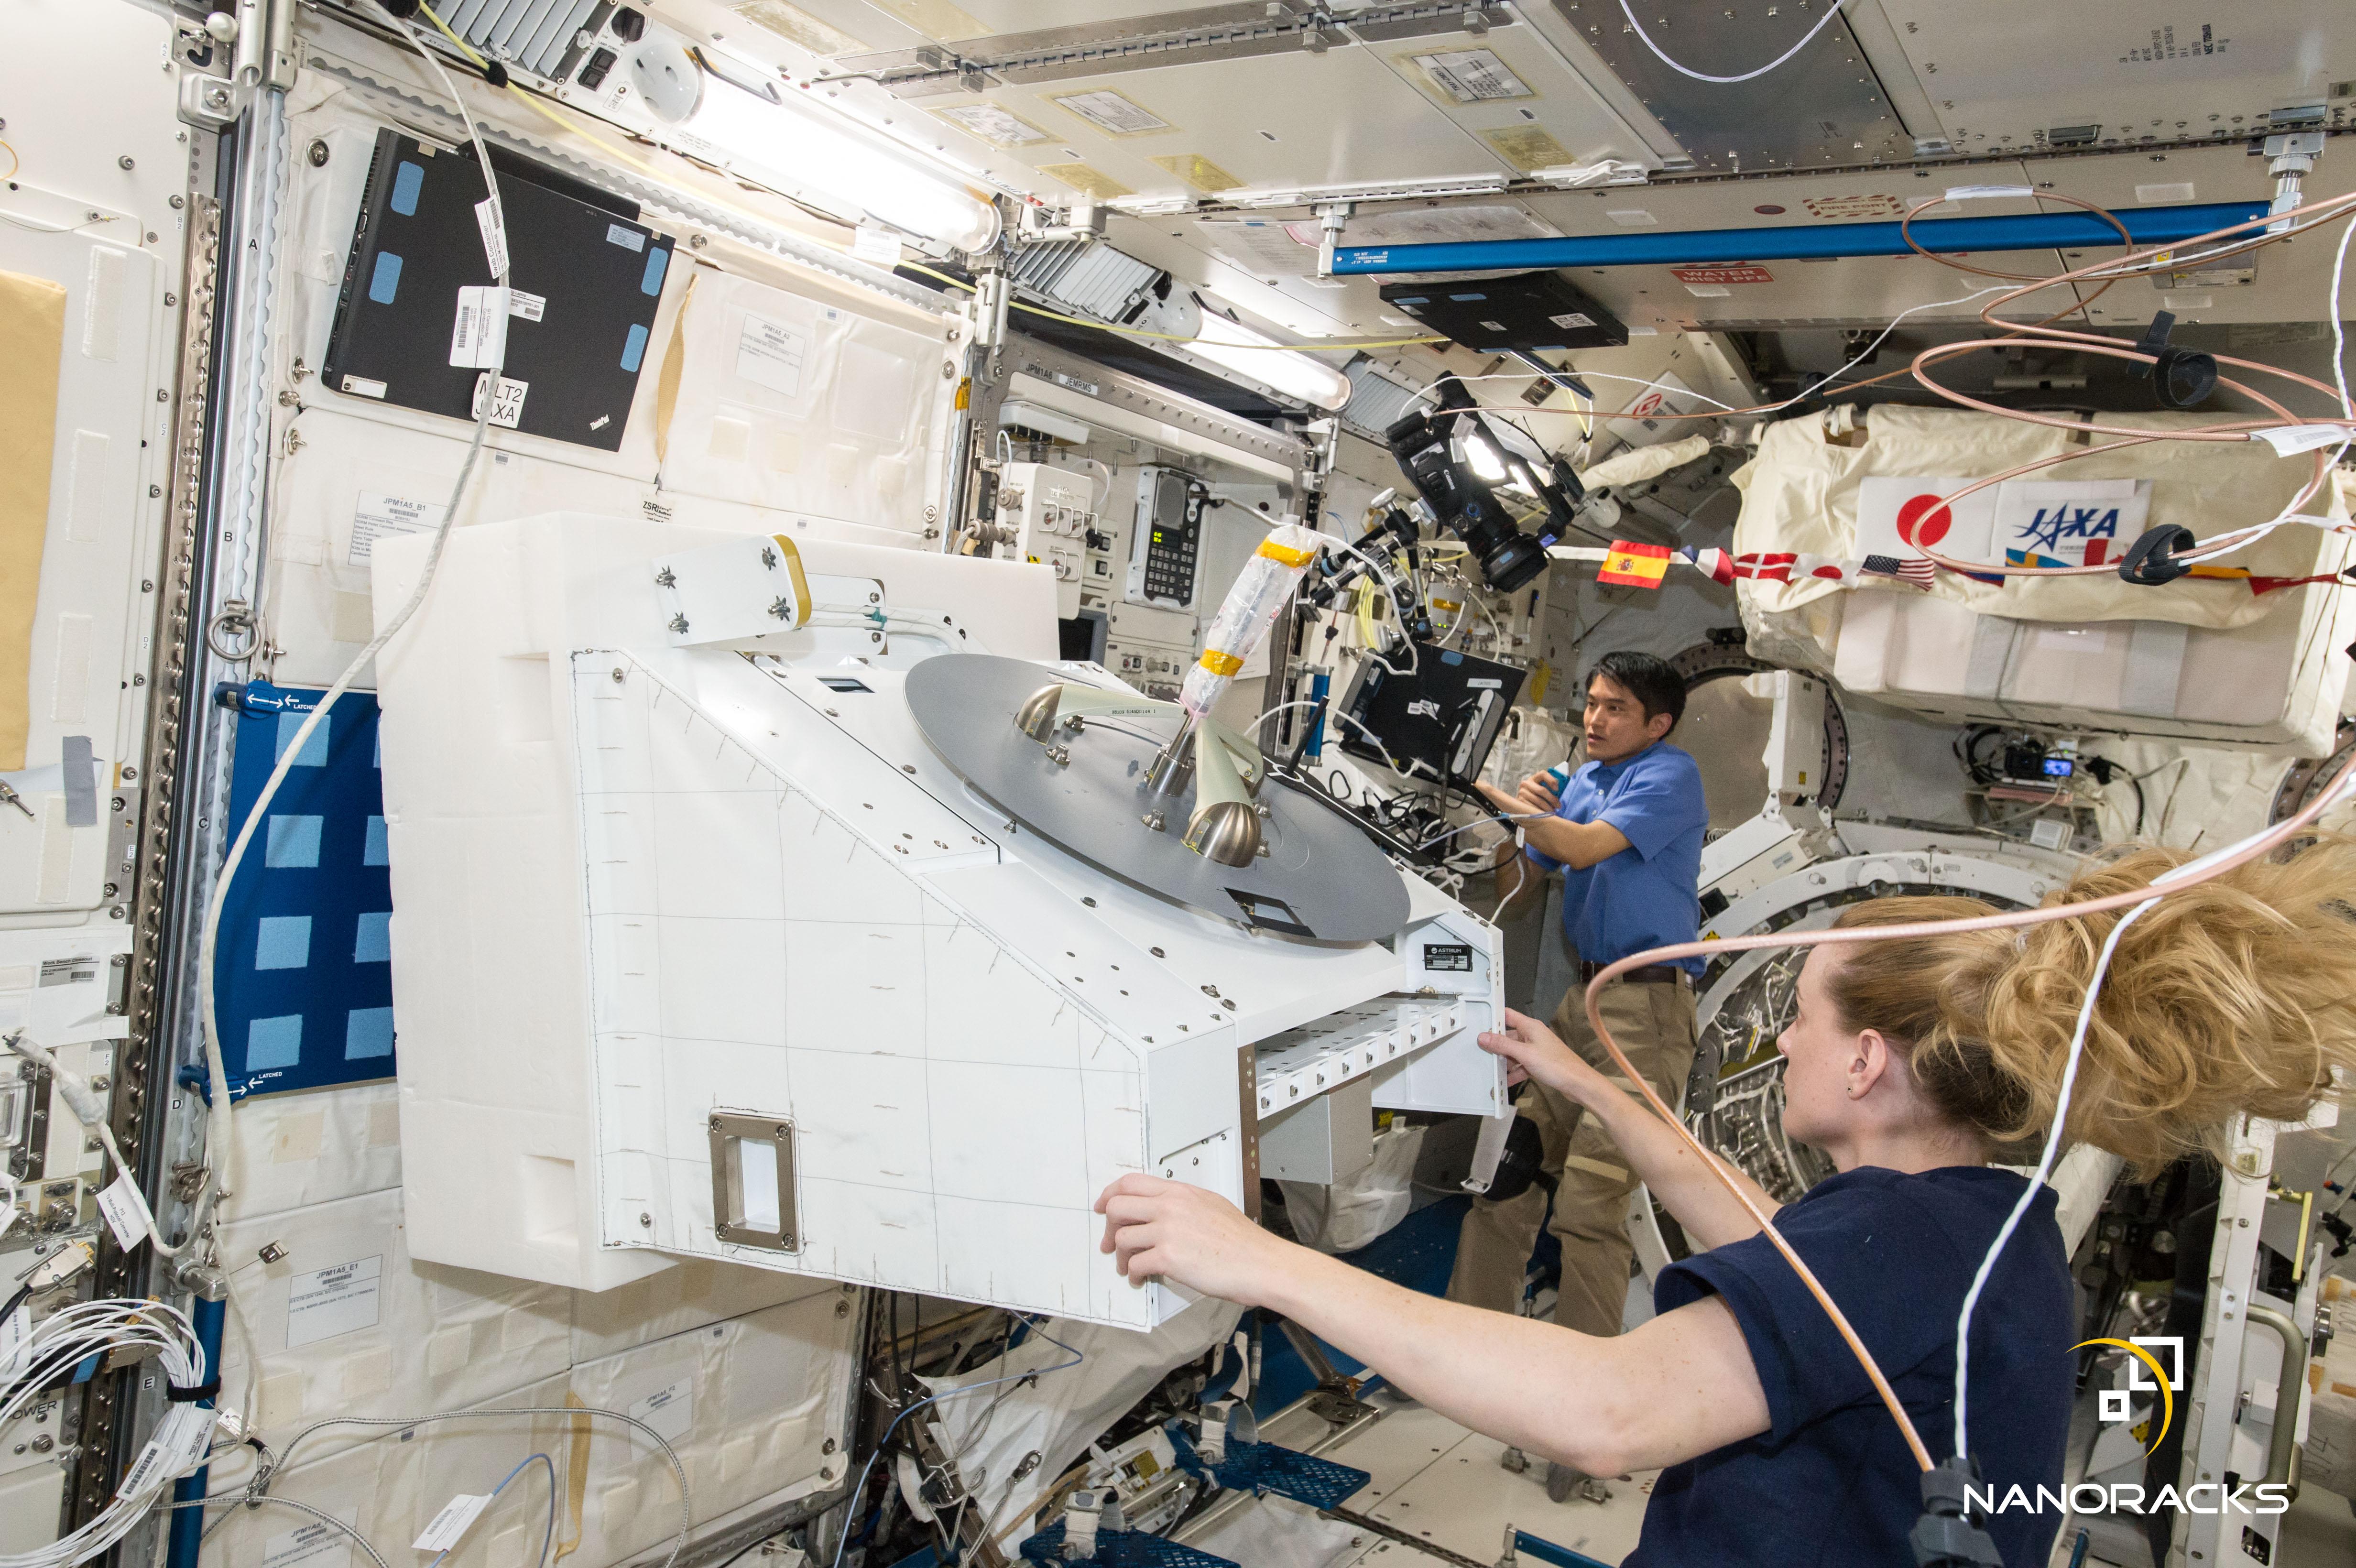 Zdjęcie wykonane na ISS w sierpniu 2016 roku podczas instalacji wyprodukowanej przez NanoRacks Zewnętrznej Platformy.